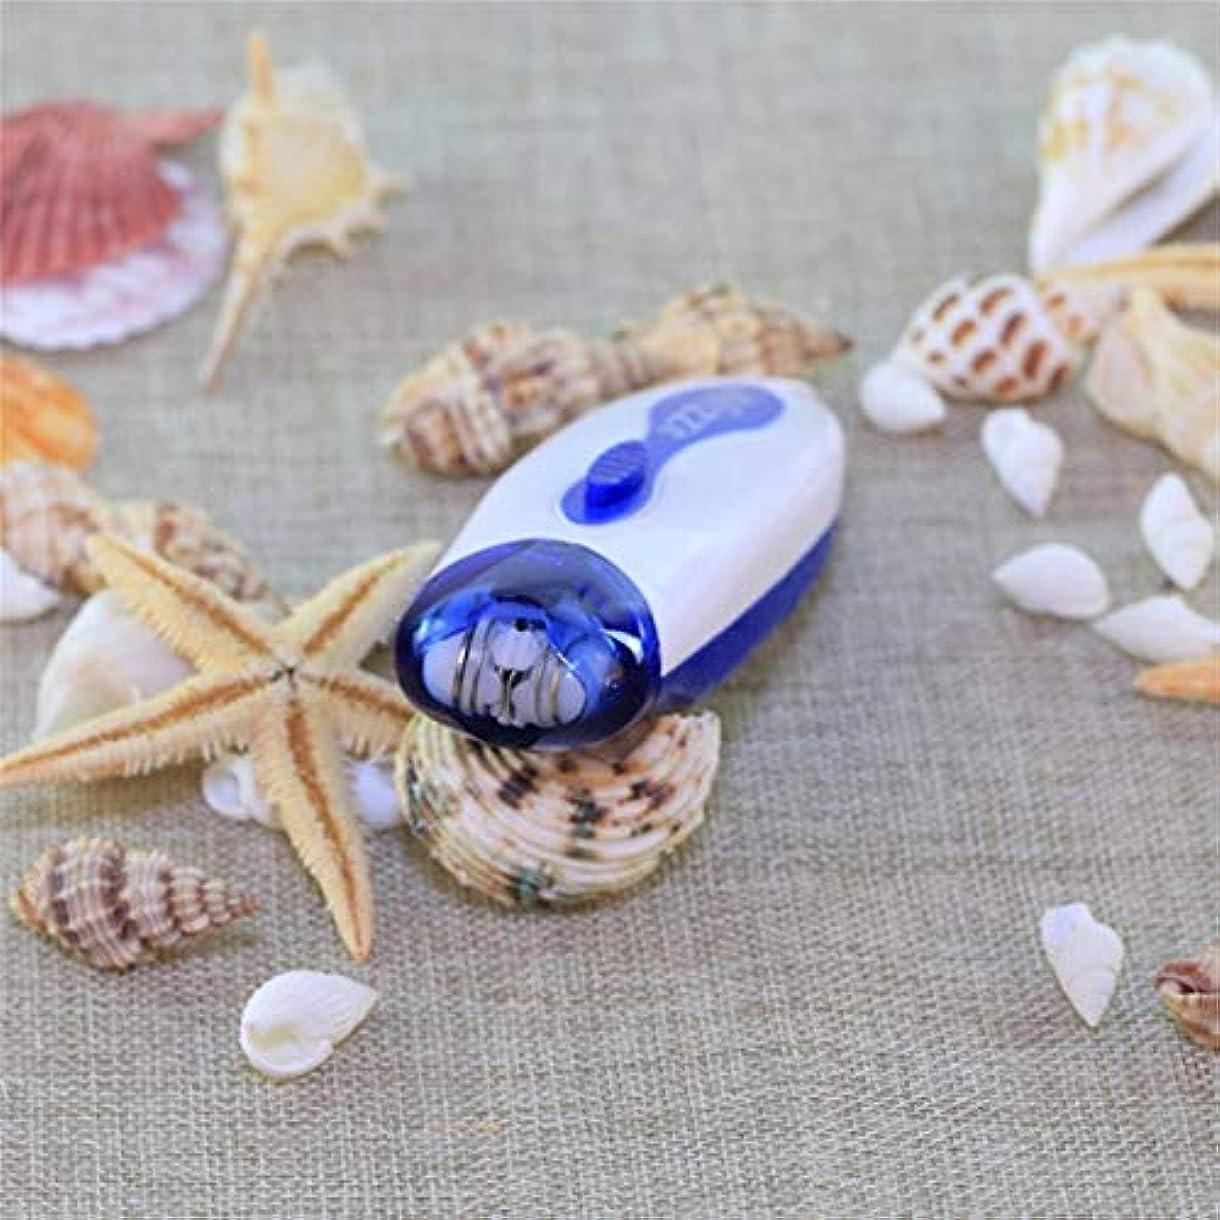 以上瞑想する物理的にWizzit Electric Epilator Hair Shaving Device Tweezers Hair Removal Epilator Remover Depilating Machine Tool